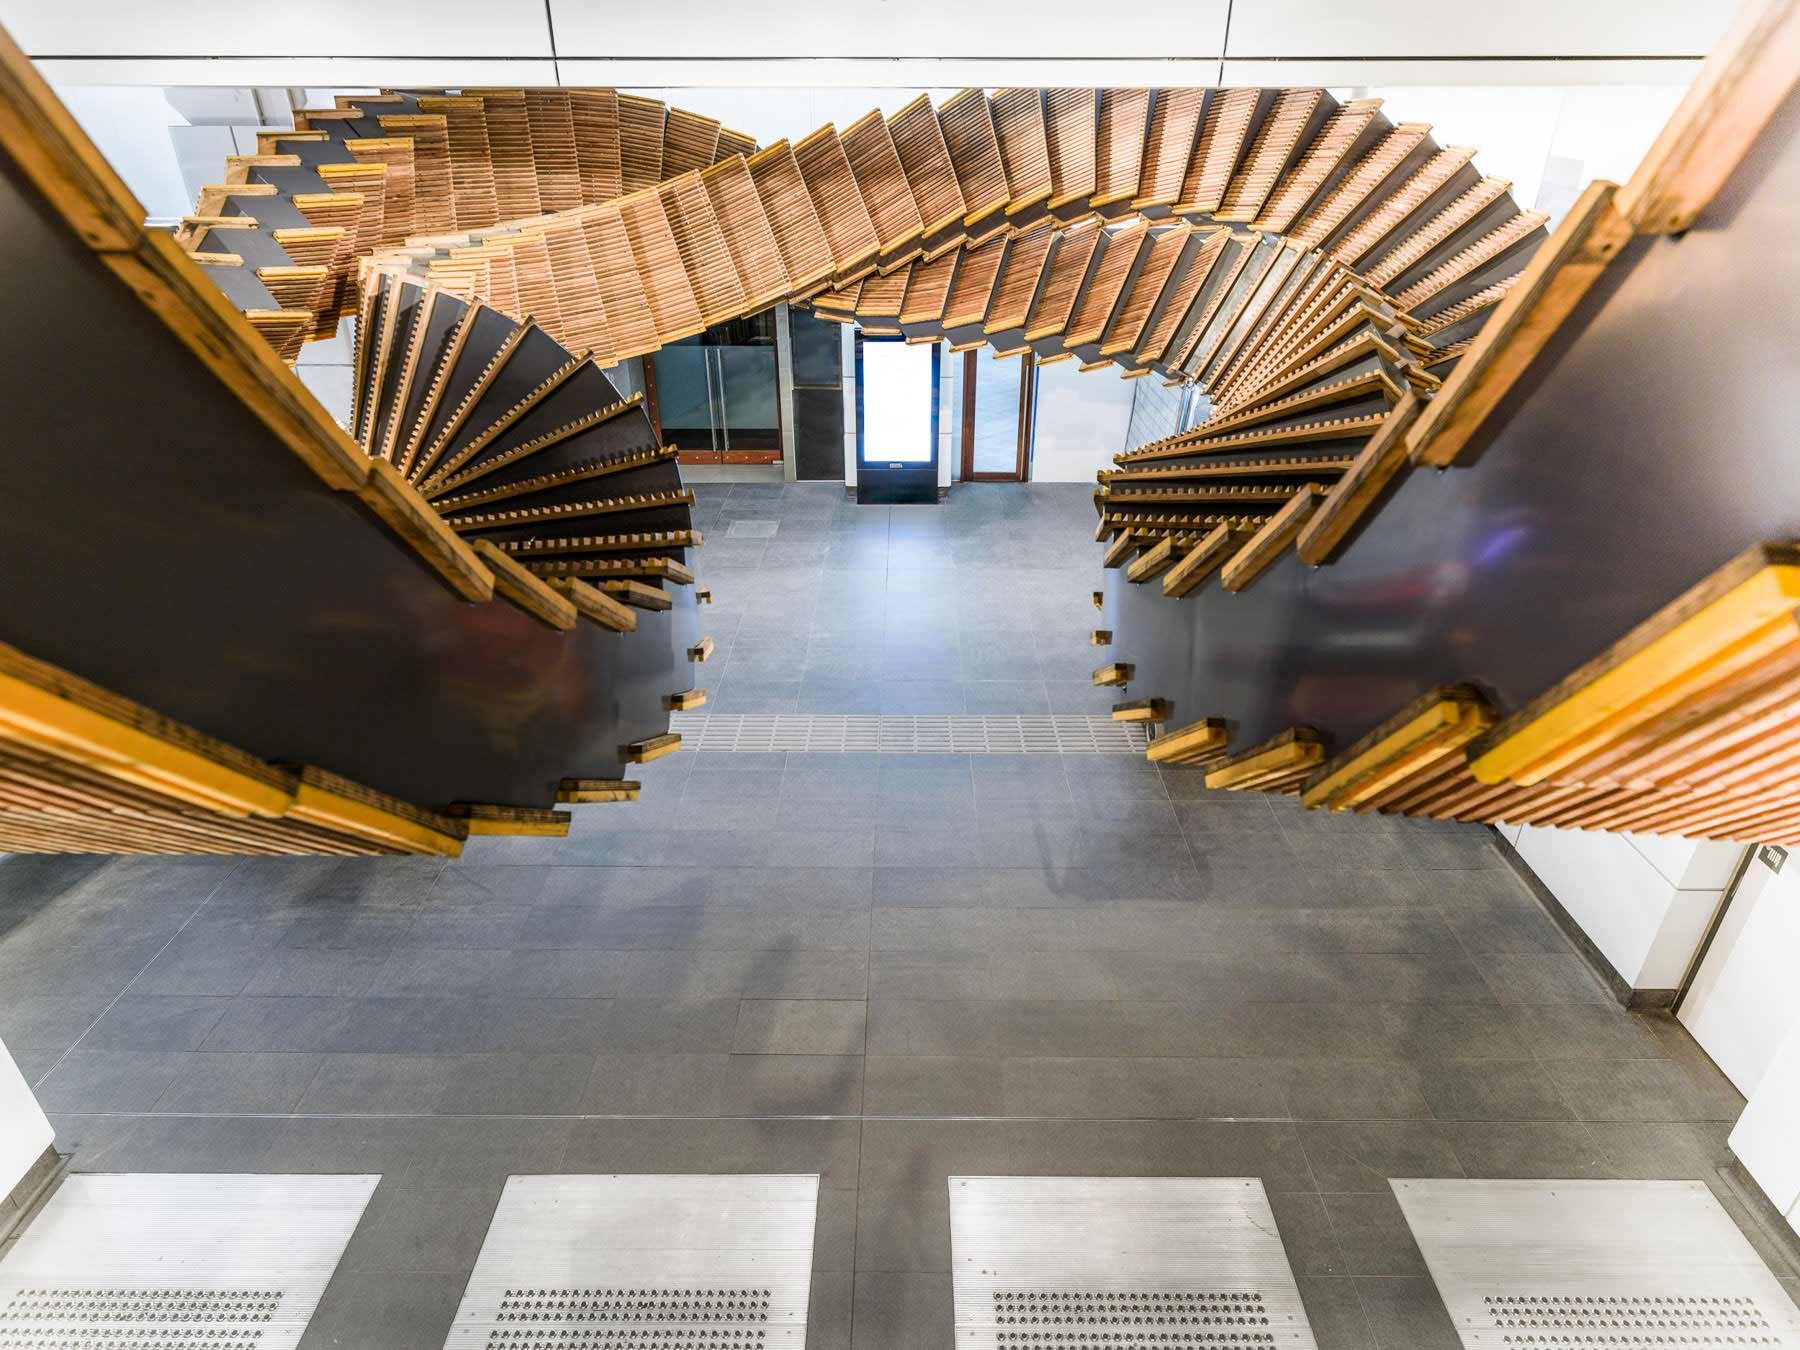 Deckenskulptur aus 80 Jahre alten Holzrolltreppen interloop-Chris-Fox_05